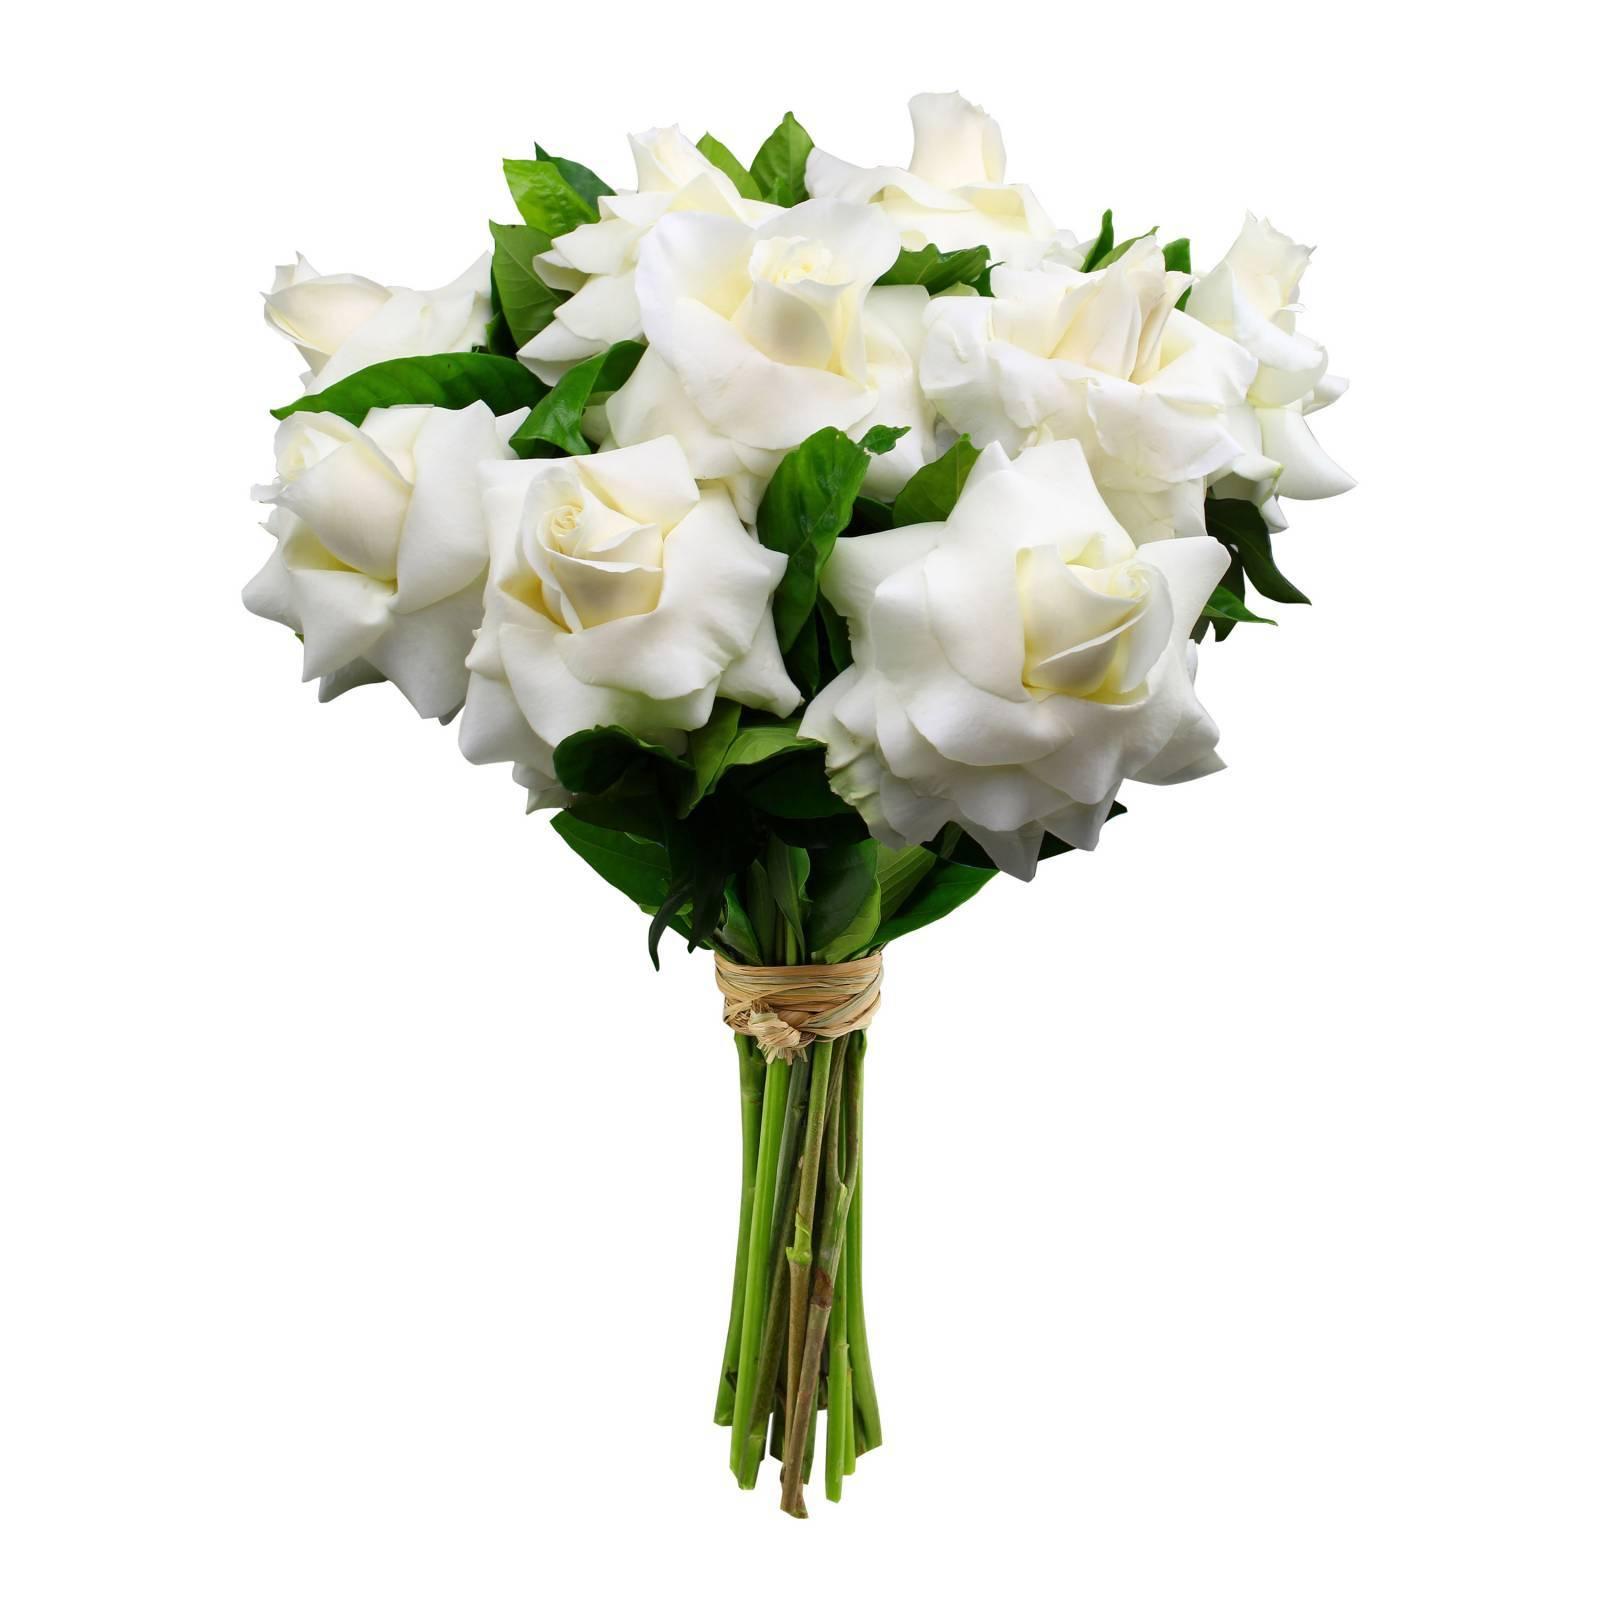 Buquê de Rosas Colombianas Brancas  - Florisbella - Matriz Campinas